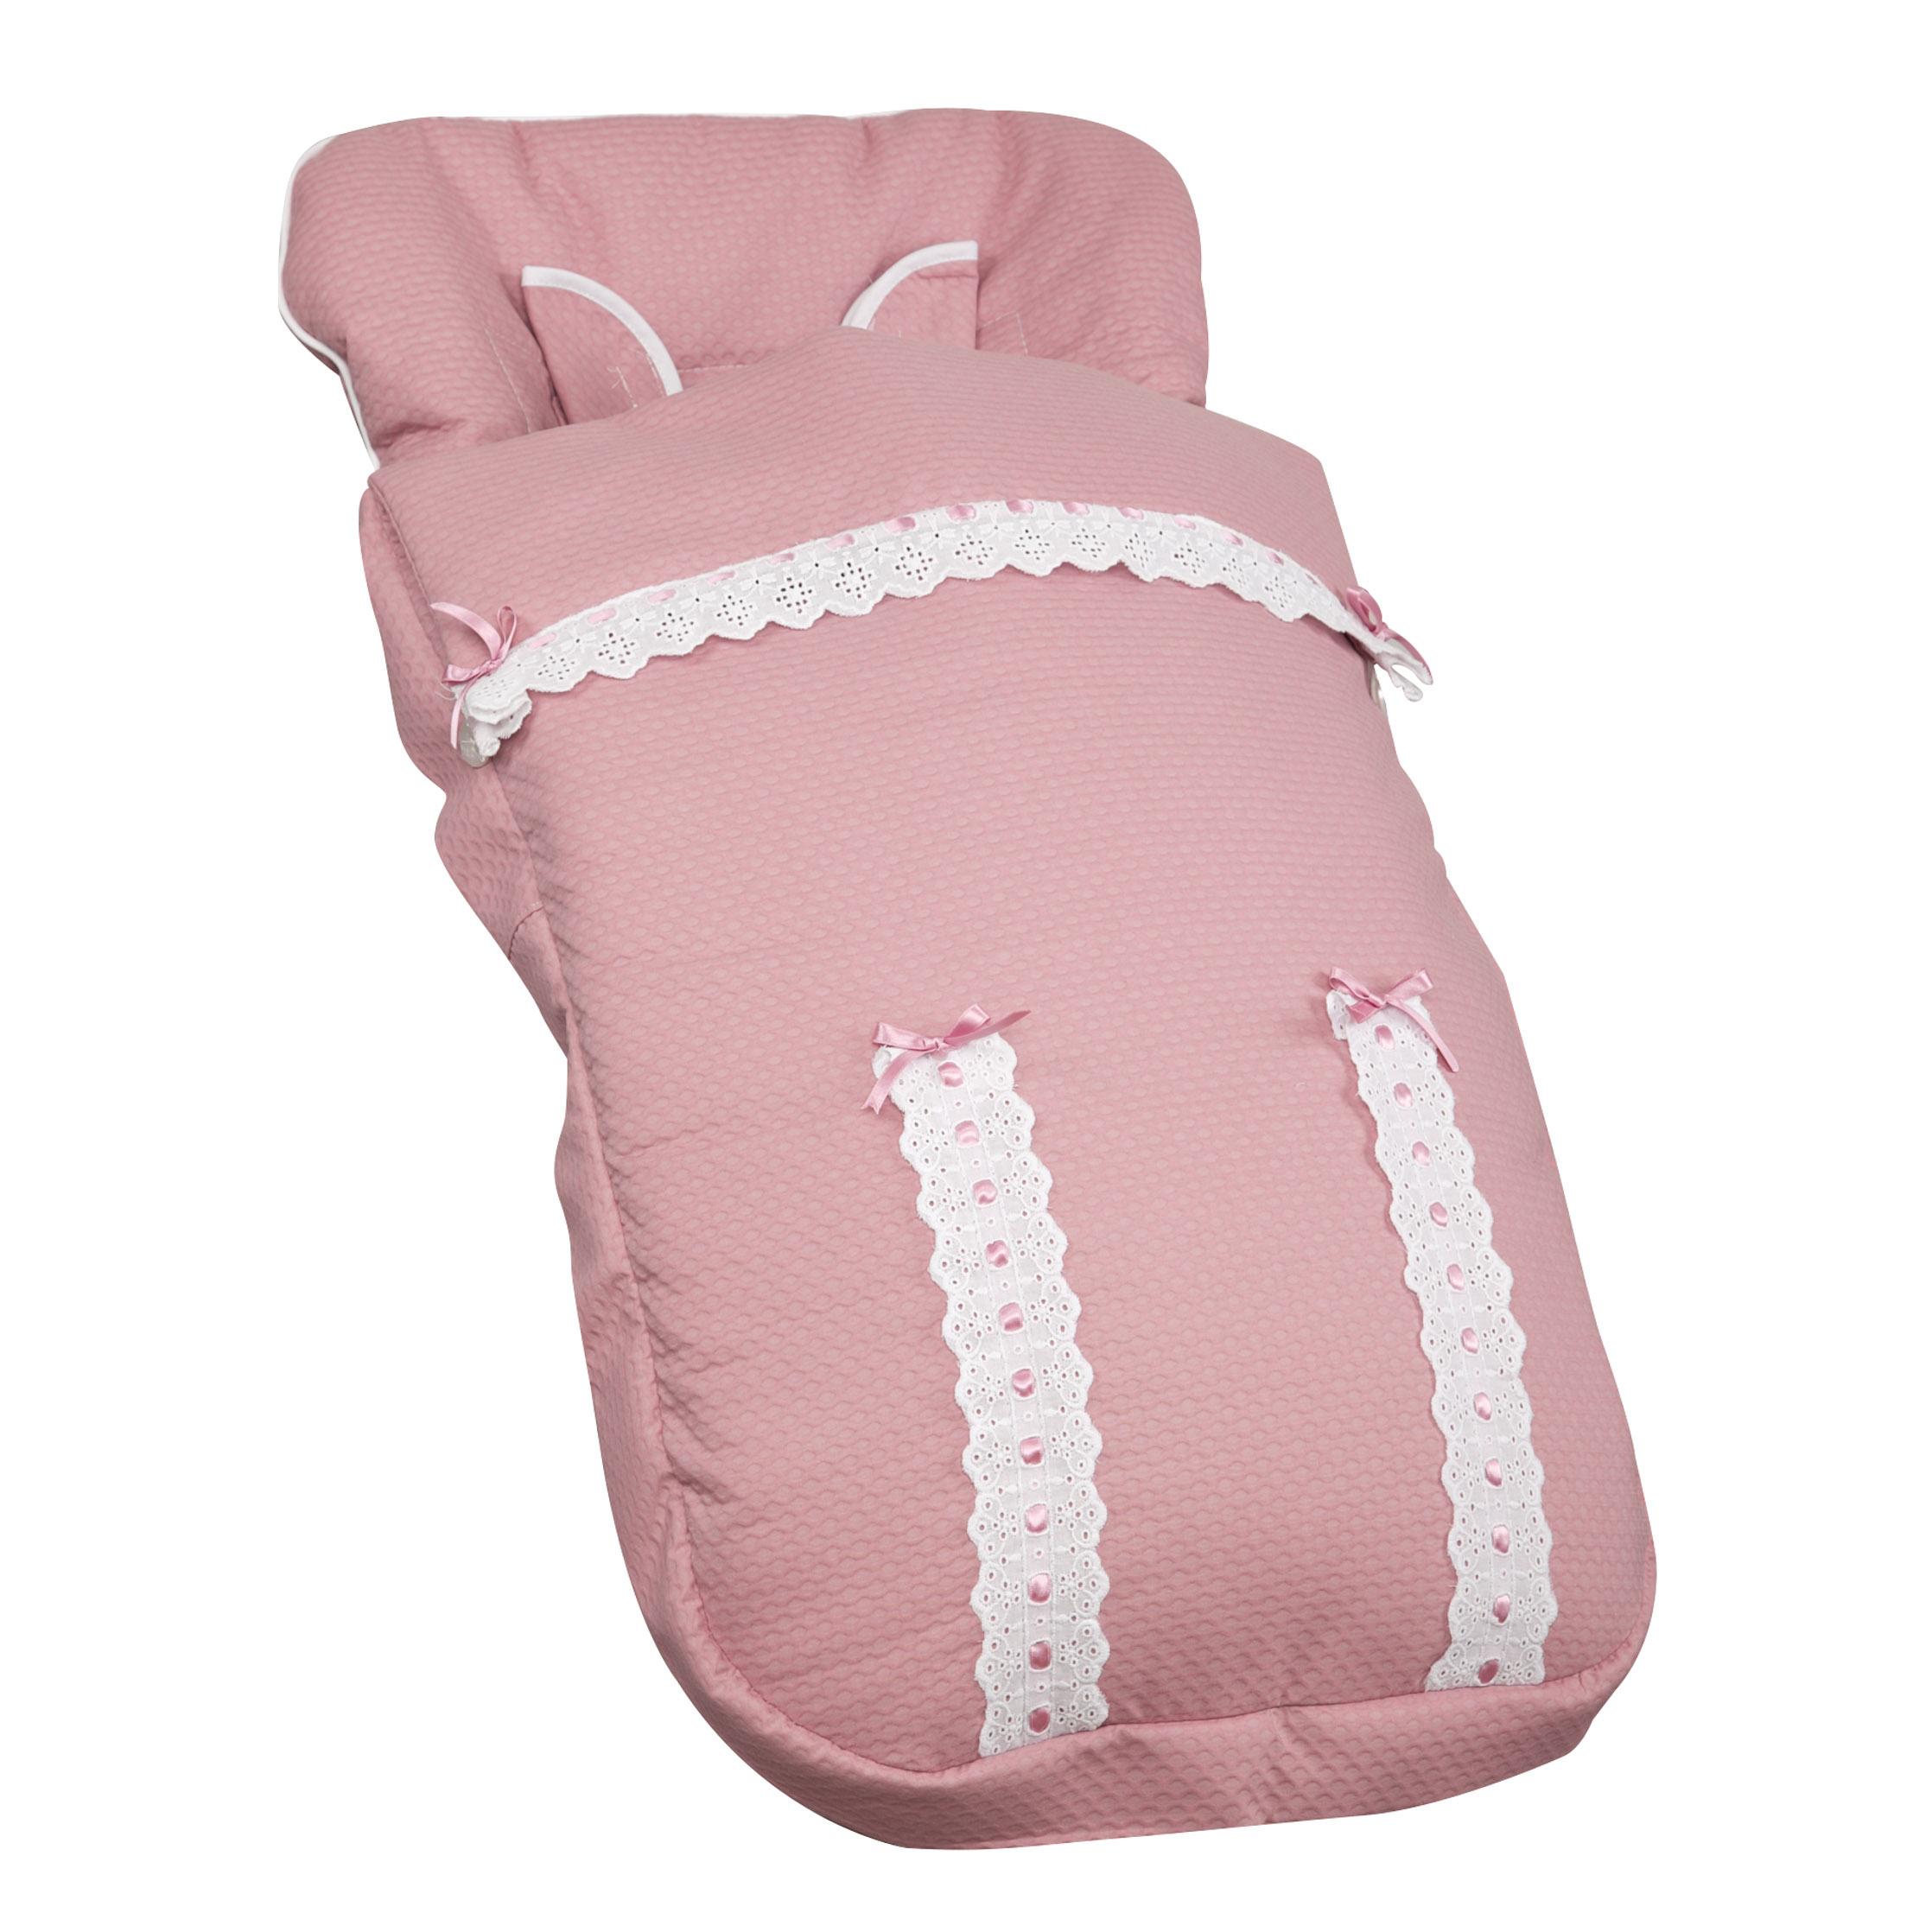 Saco de silla para bugaboo classic rosa - Sacos para sillas de paseo bugaboo ...